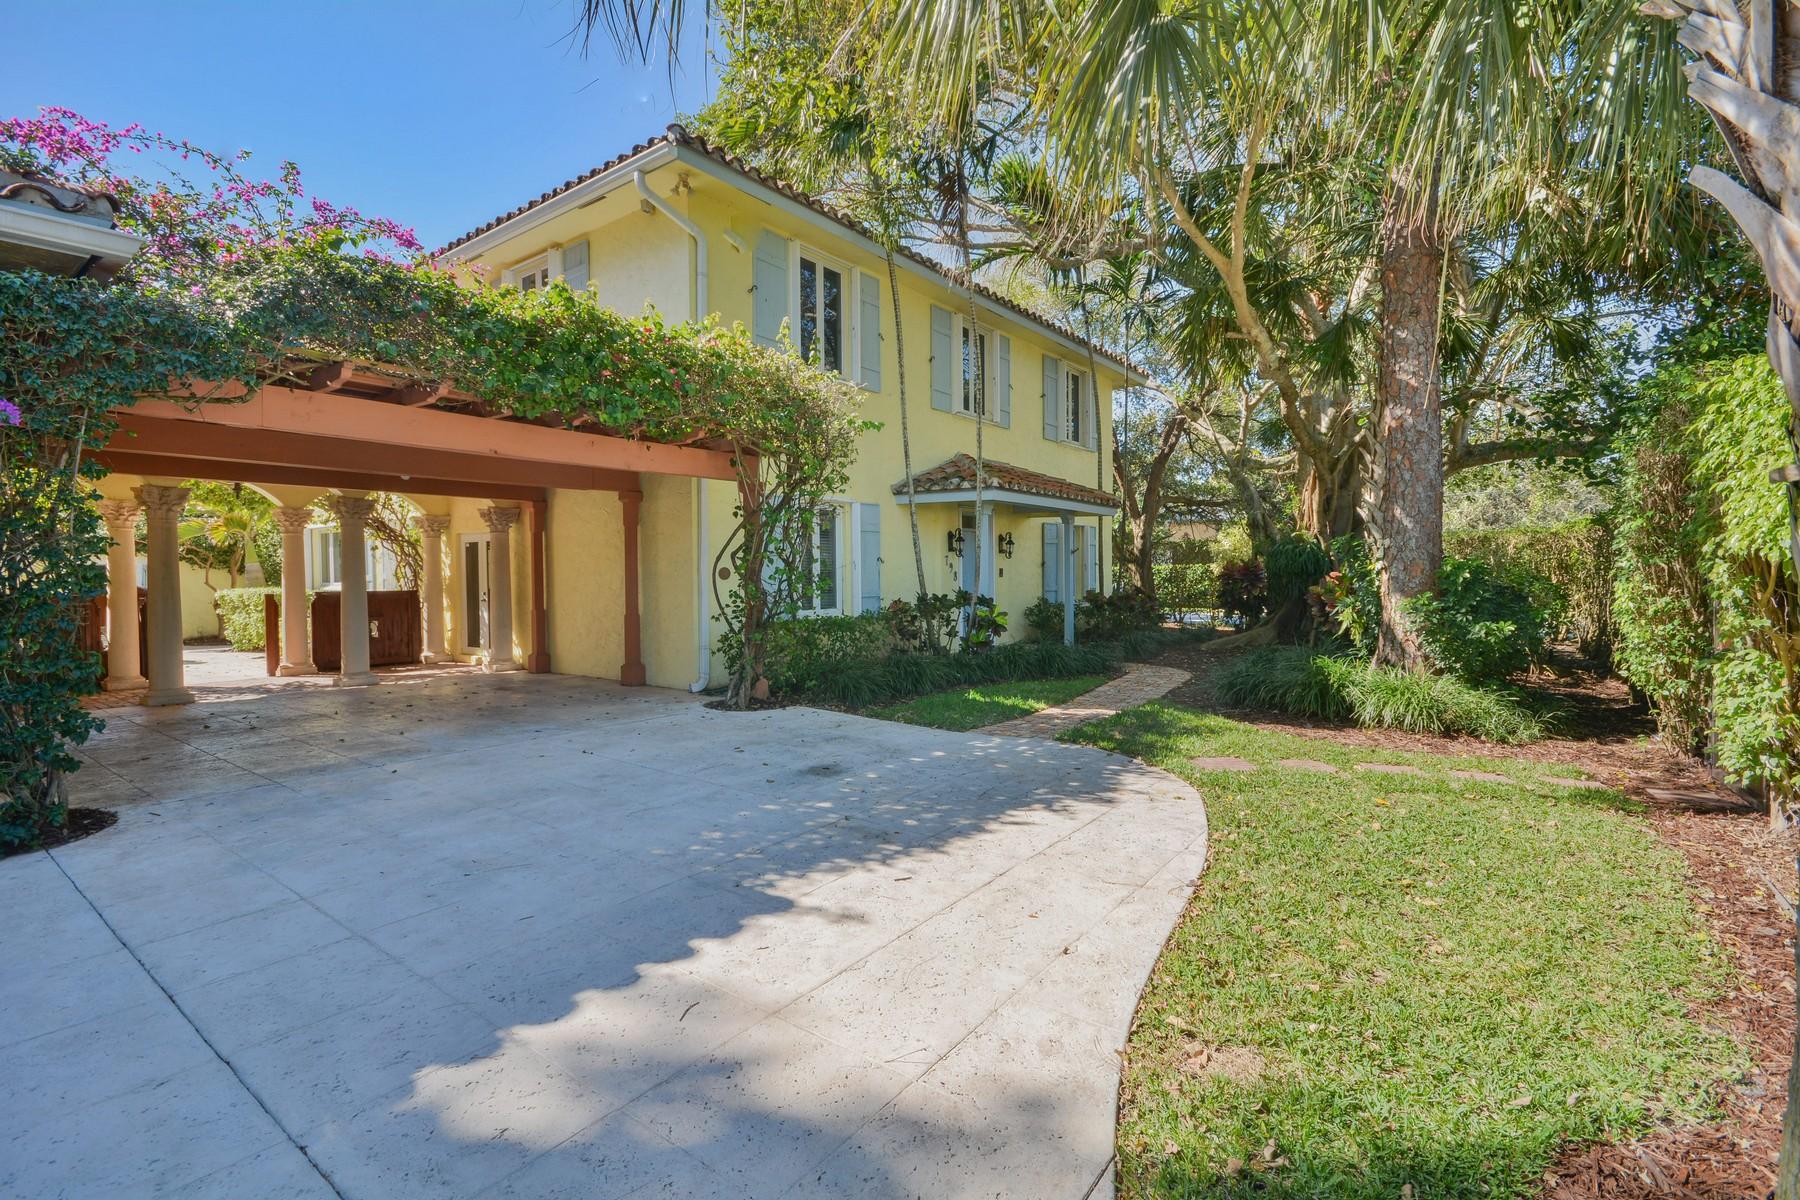 Einfamilienhaus für Verkauf beim 798 Periwinkle St , Boca Raton, FL 33486 798 Periwinkle St Boca Raton, Florida, 33486 Vereinigte Staaten